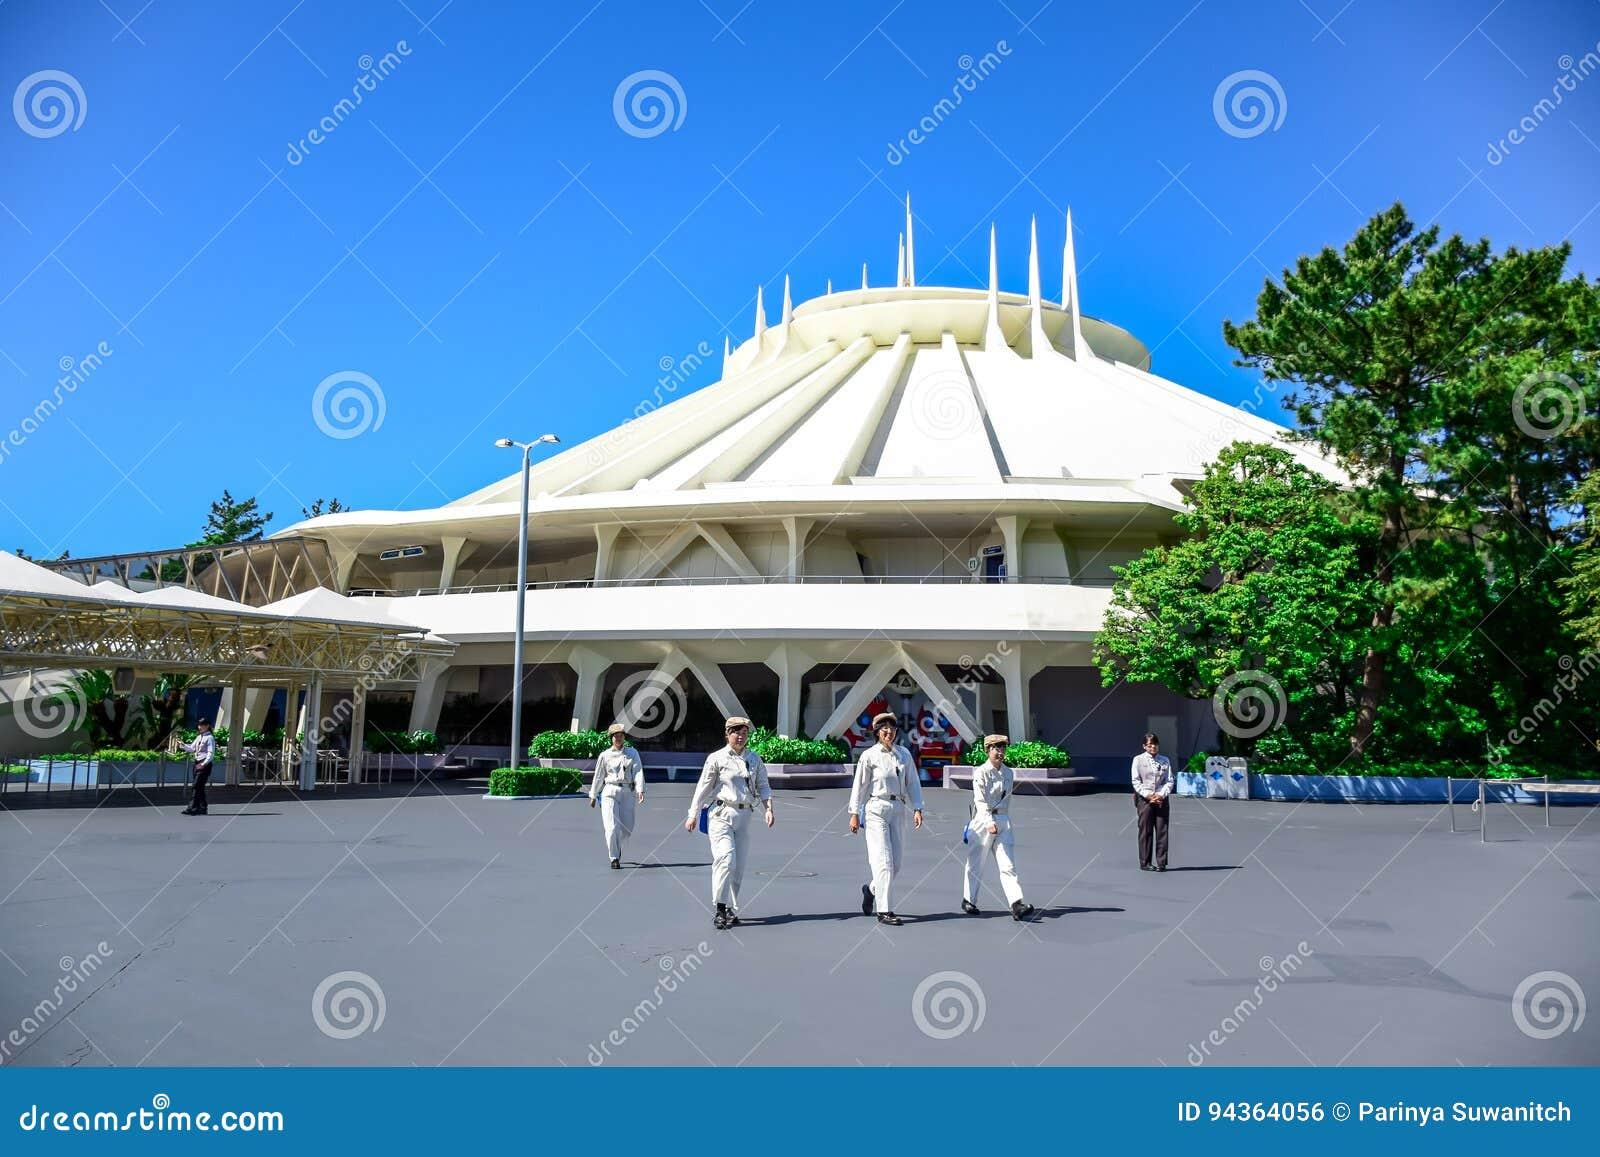 ΤΣΙΜΠΑ, ΙΑΠΩΝΙΑ: Διαστημική έλξη βουνών σε Tomorrowland στο Τόκιο Disneyland